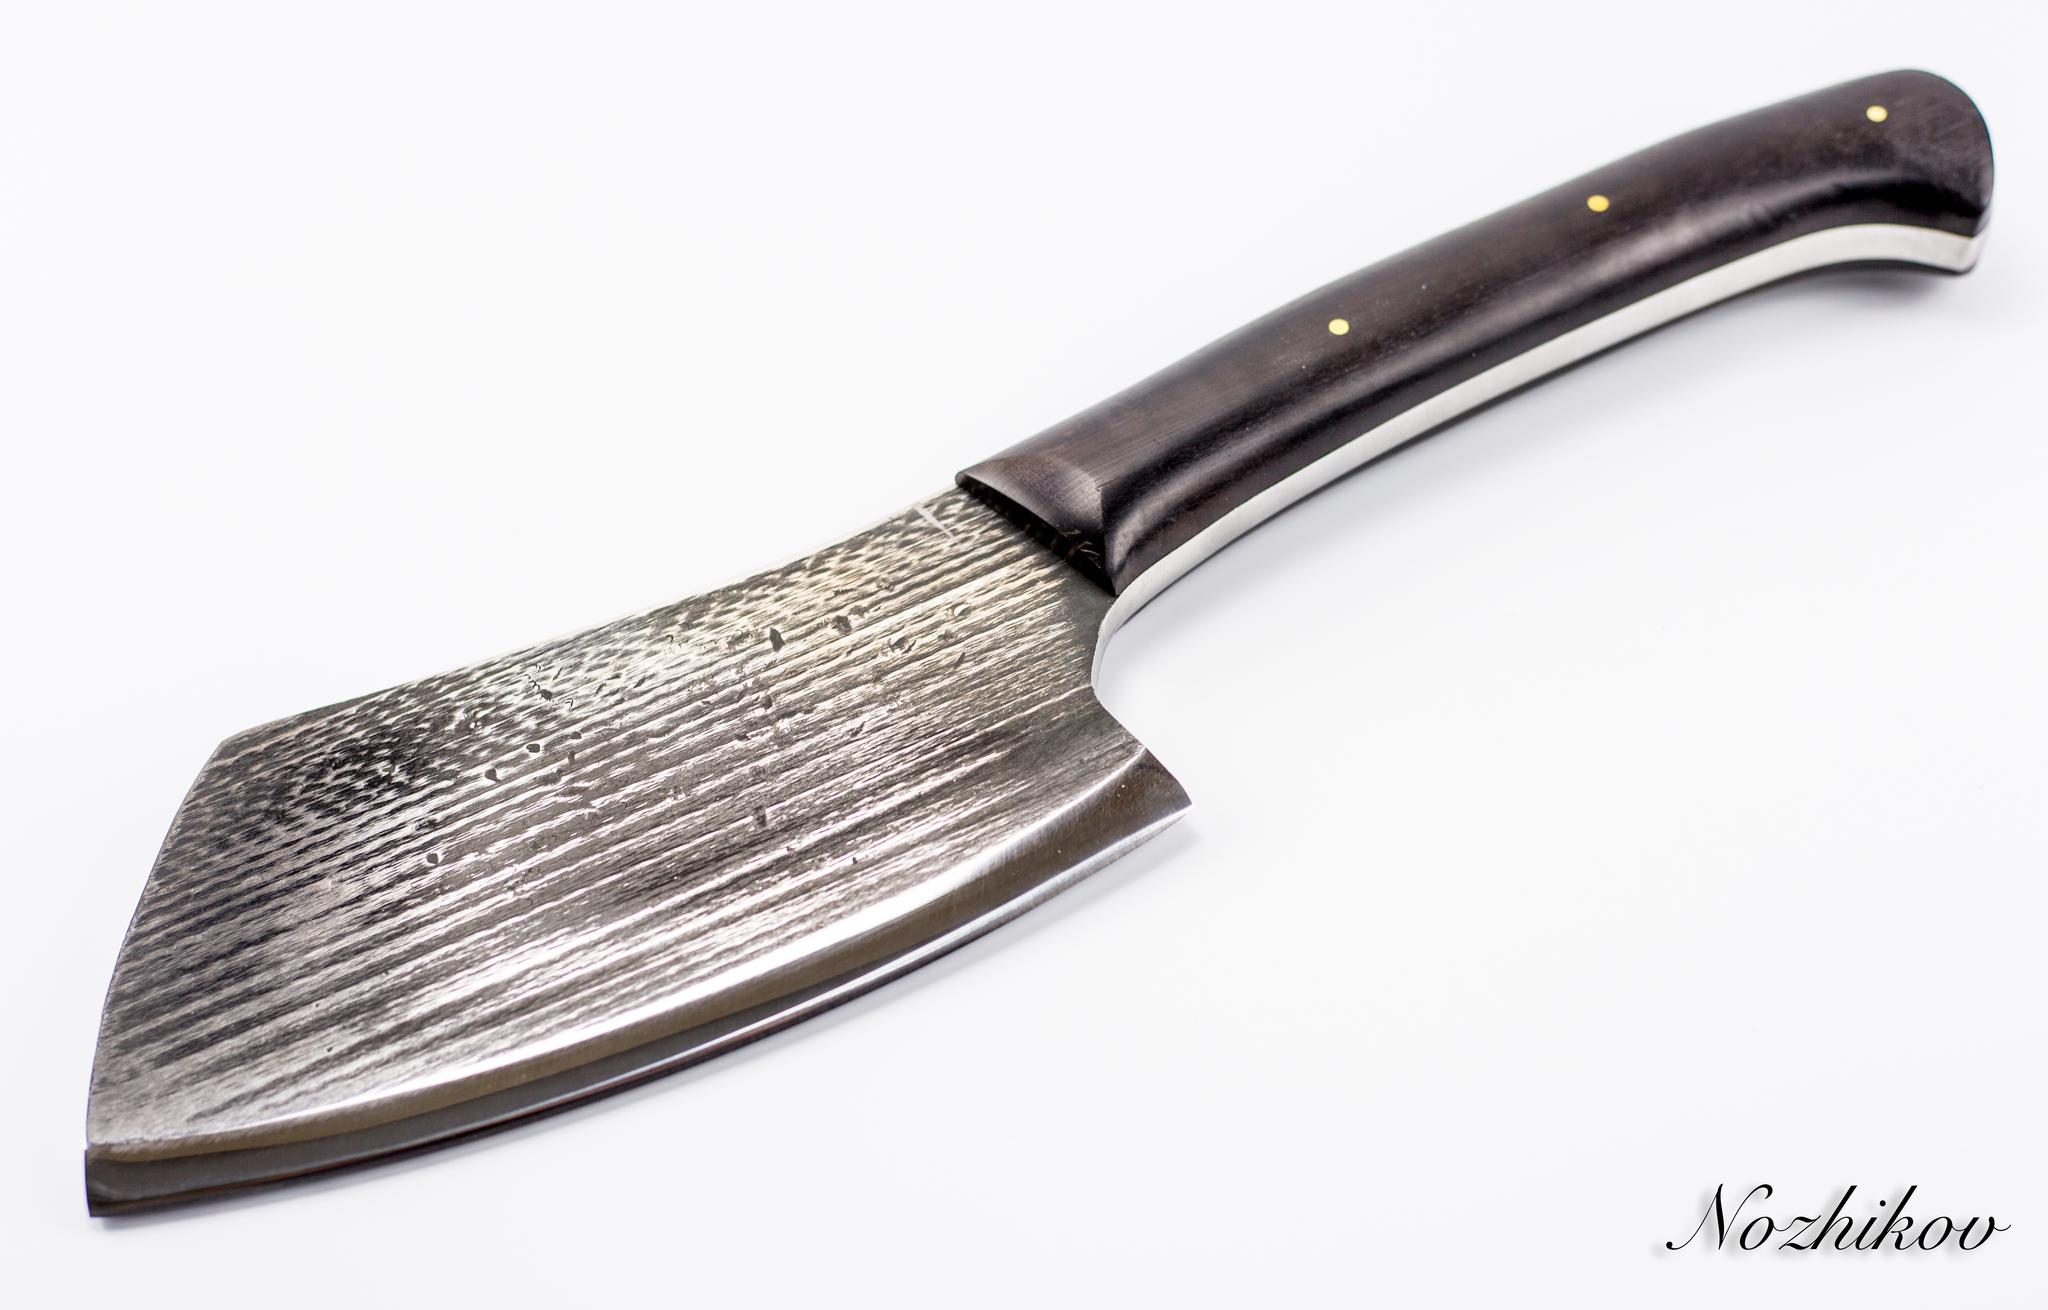 Фото 2 - Тяпка для мяса №8, сталь У8 от Мастерская Климентьева